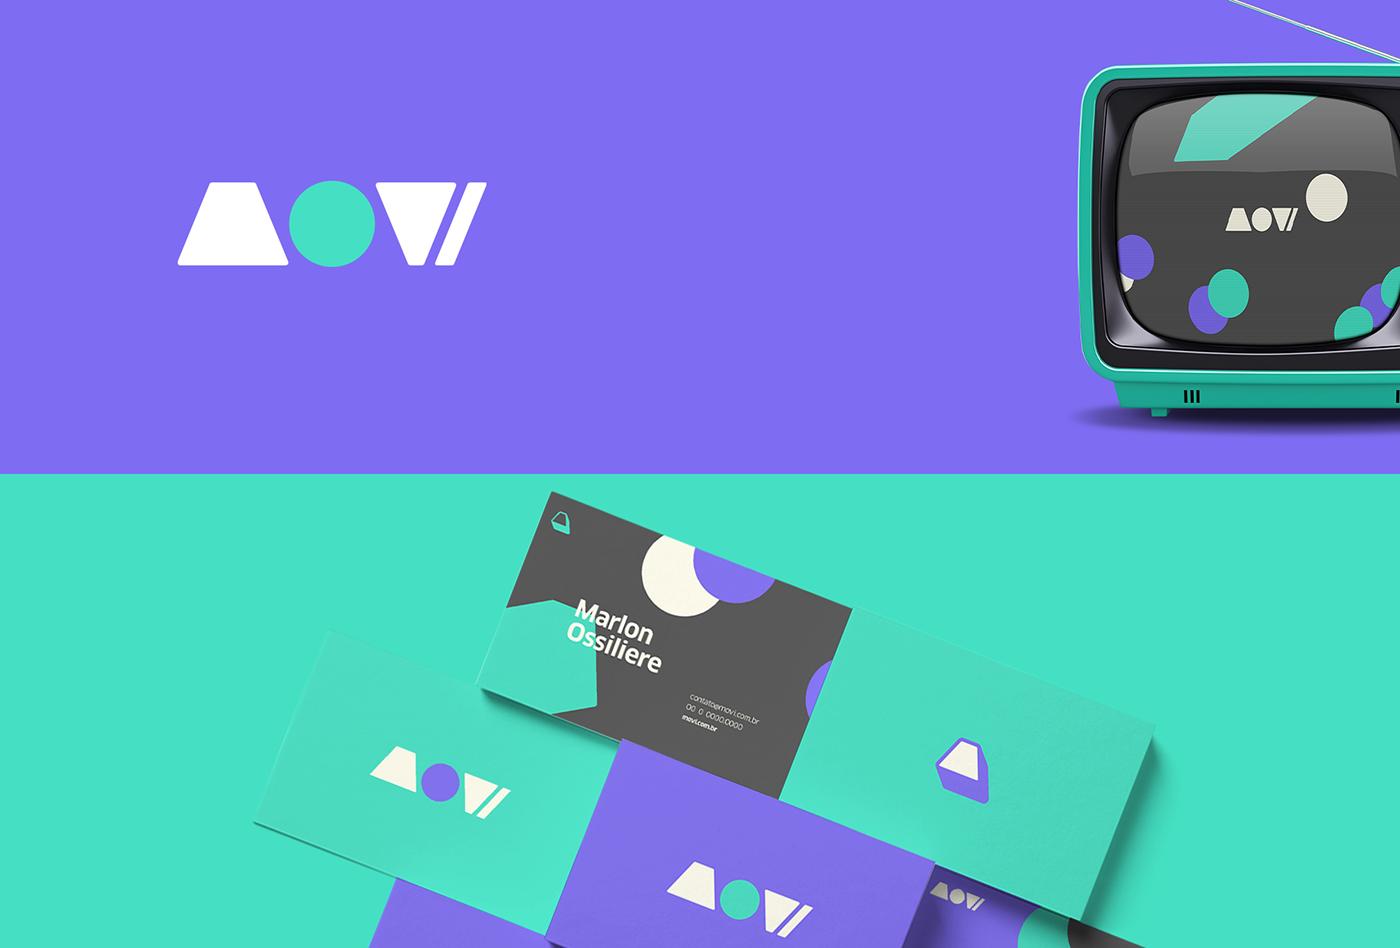 A imagem contém o logo da Movi, a representação em uma TV e em cartão de visita.